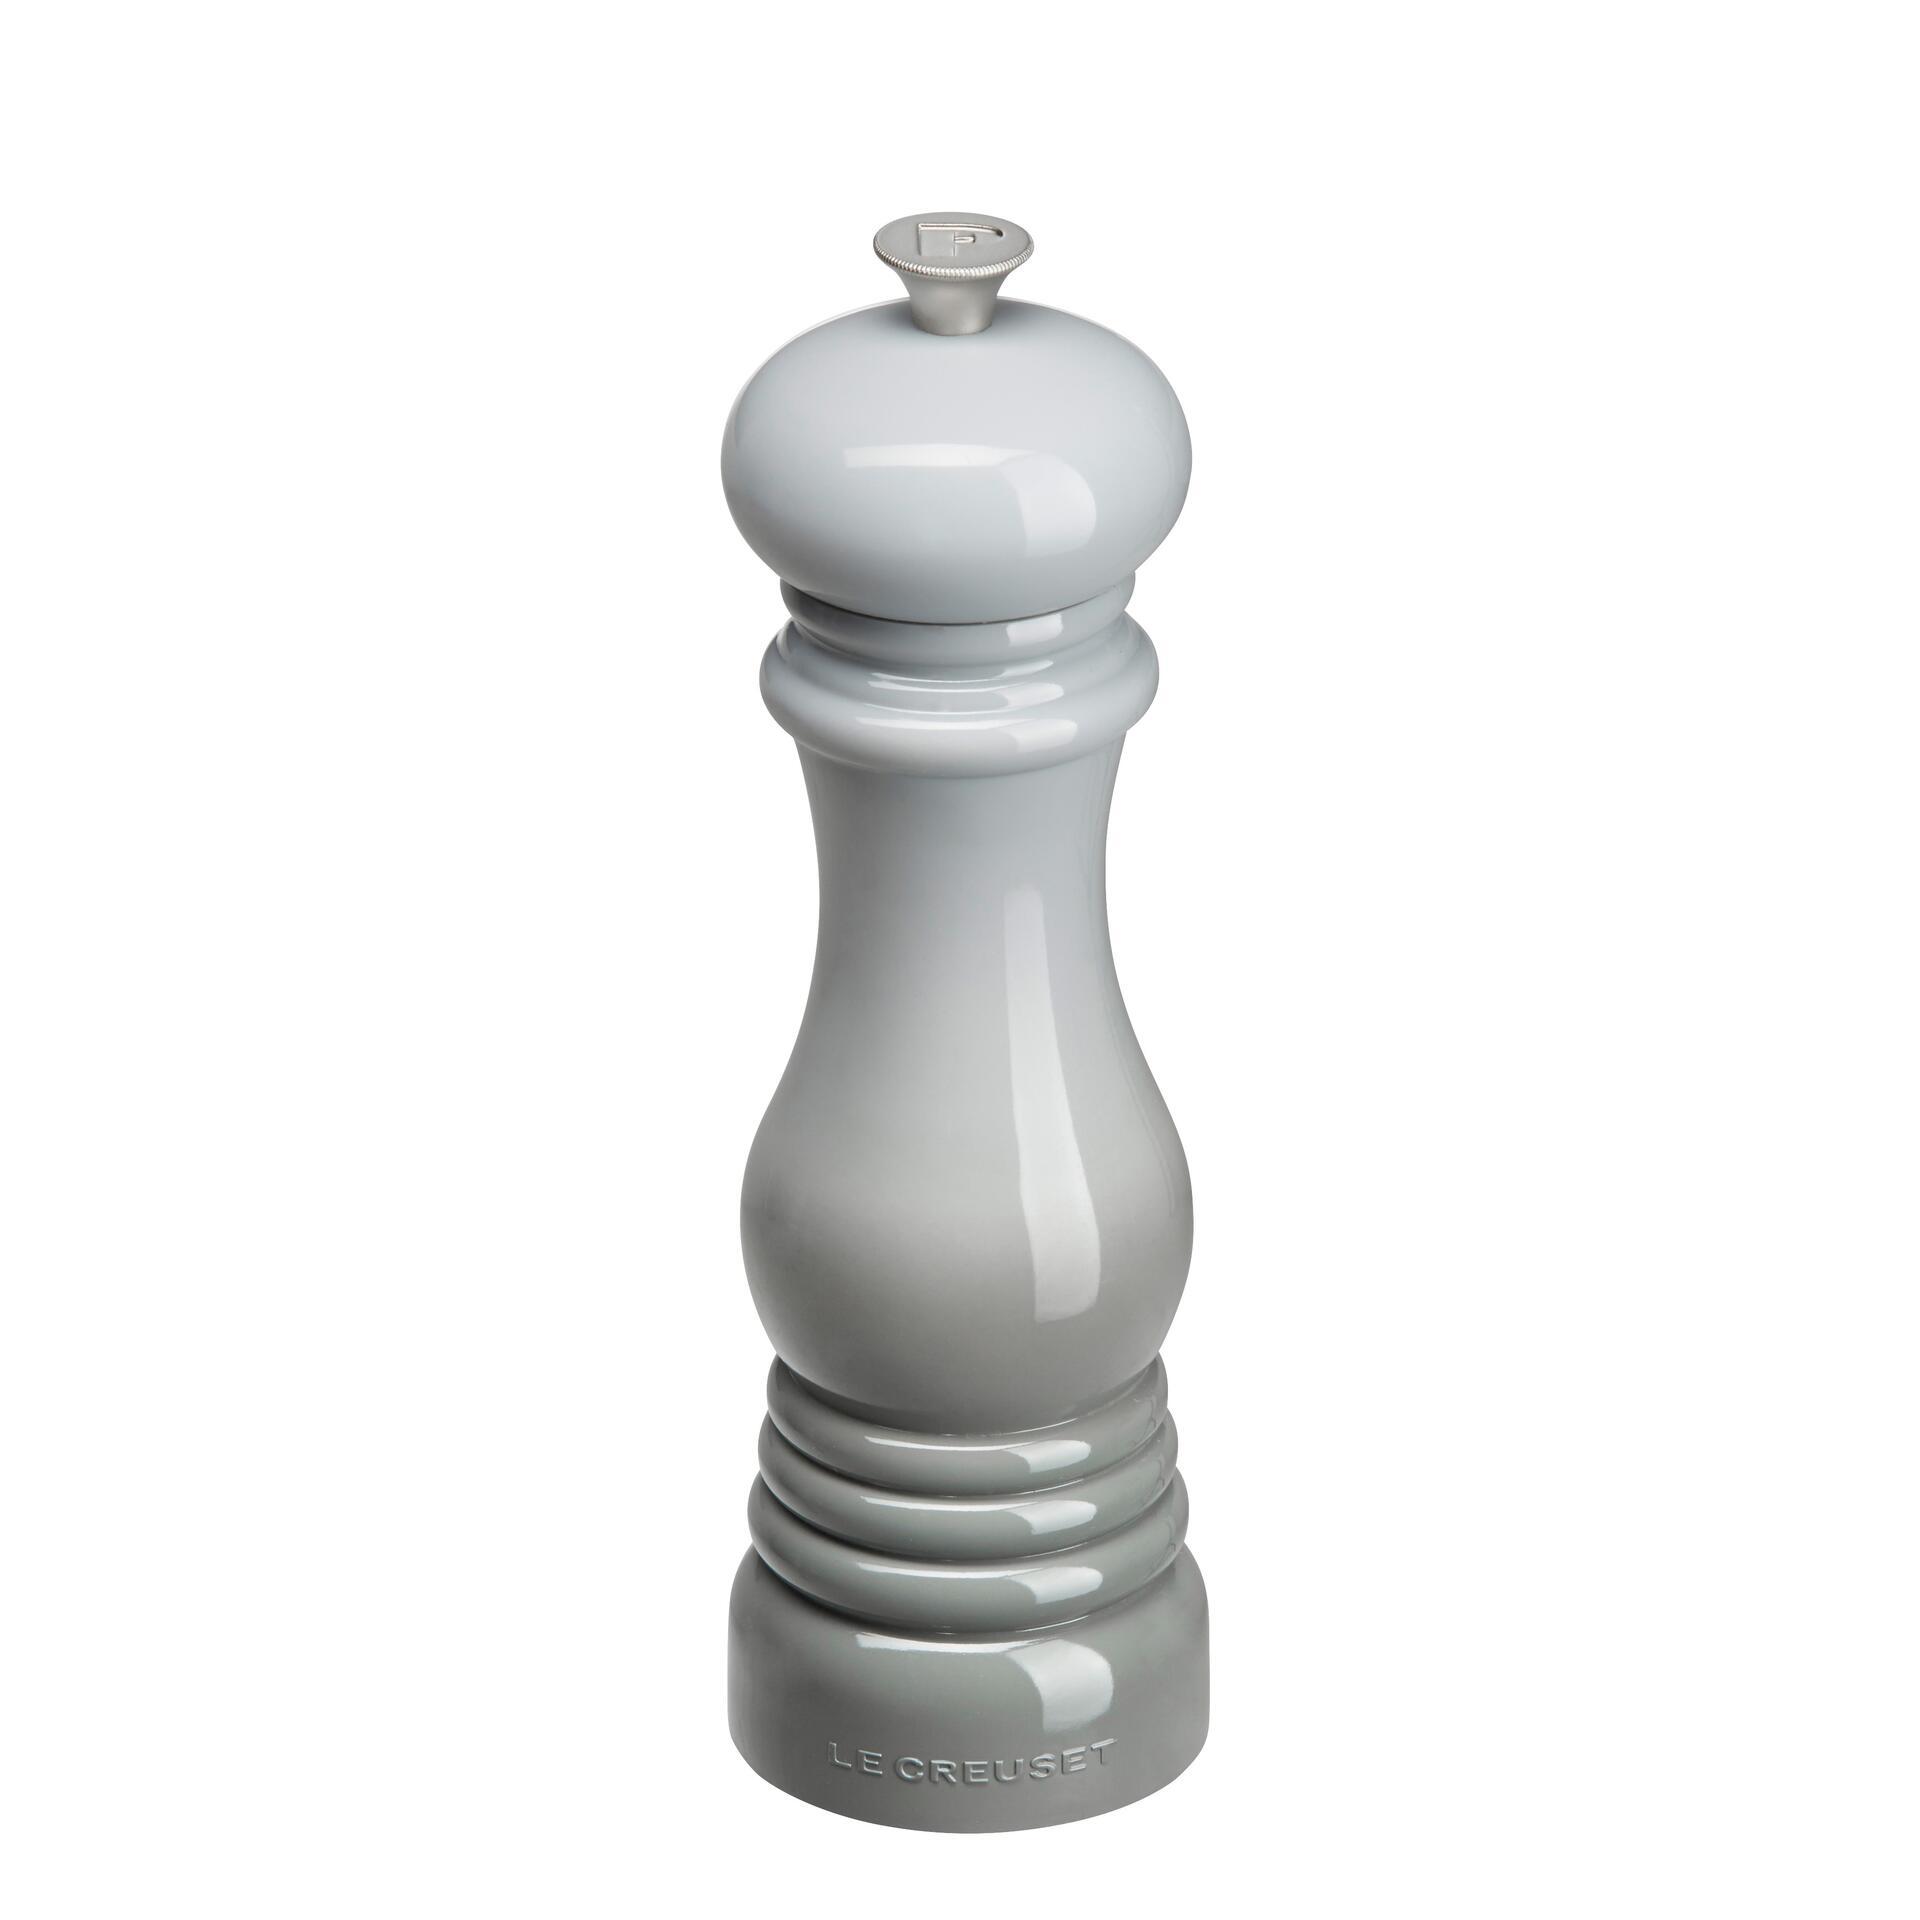 Le Creuset Pfeffermühle Perlgrau 21 cm